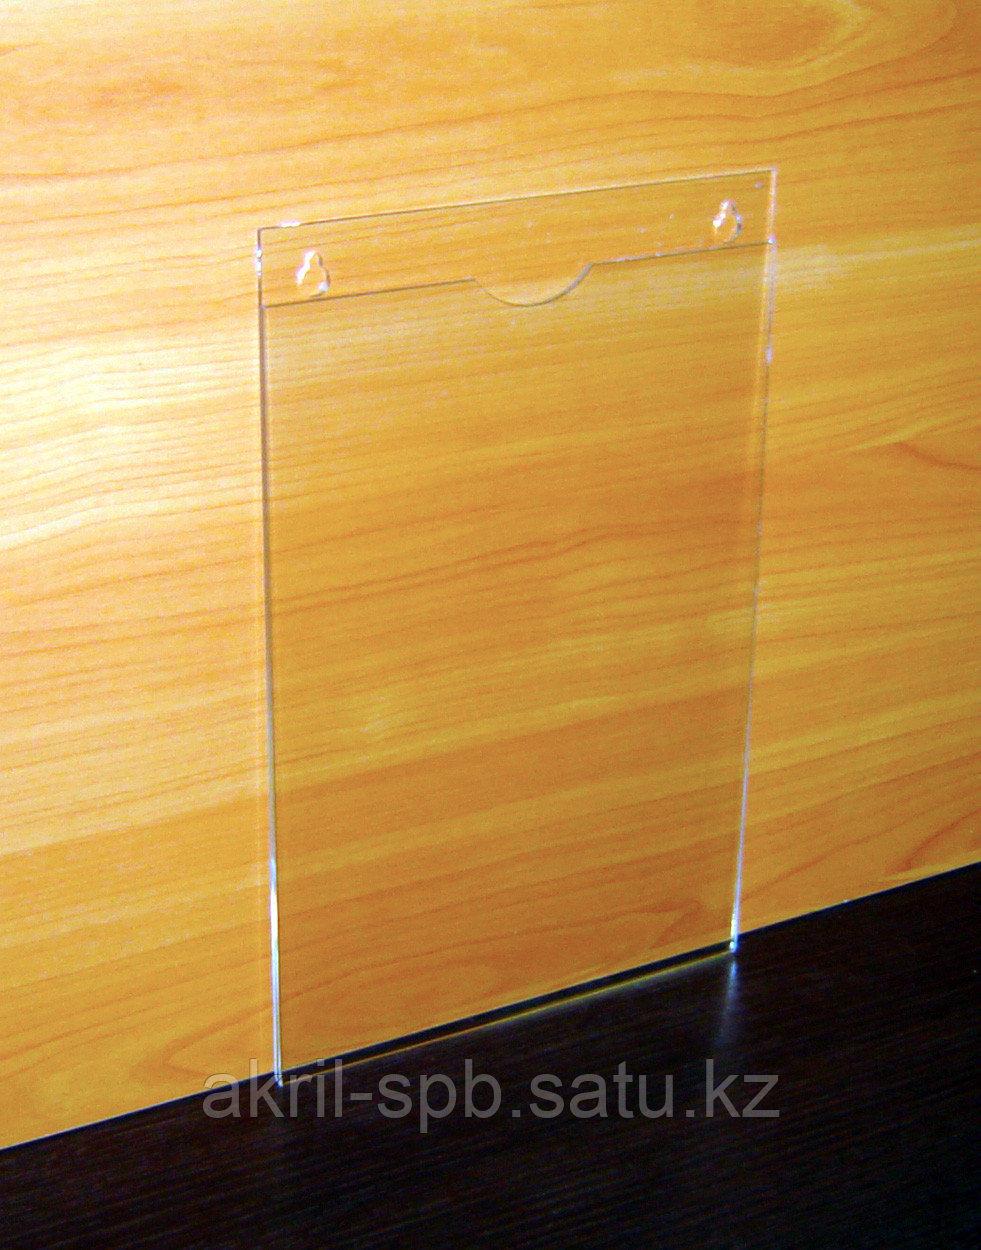 Карман плоский вертикальный оргстекло 1,5-1,8-2 мм А3